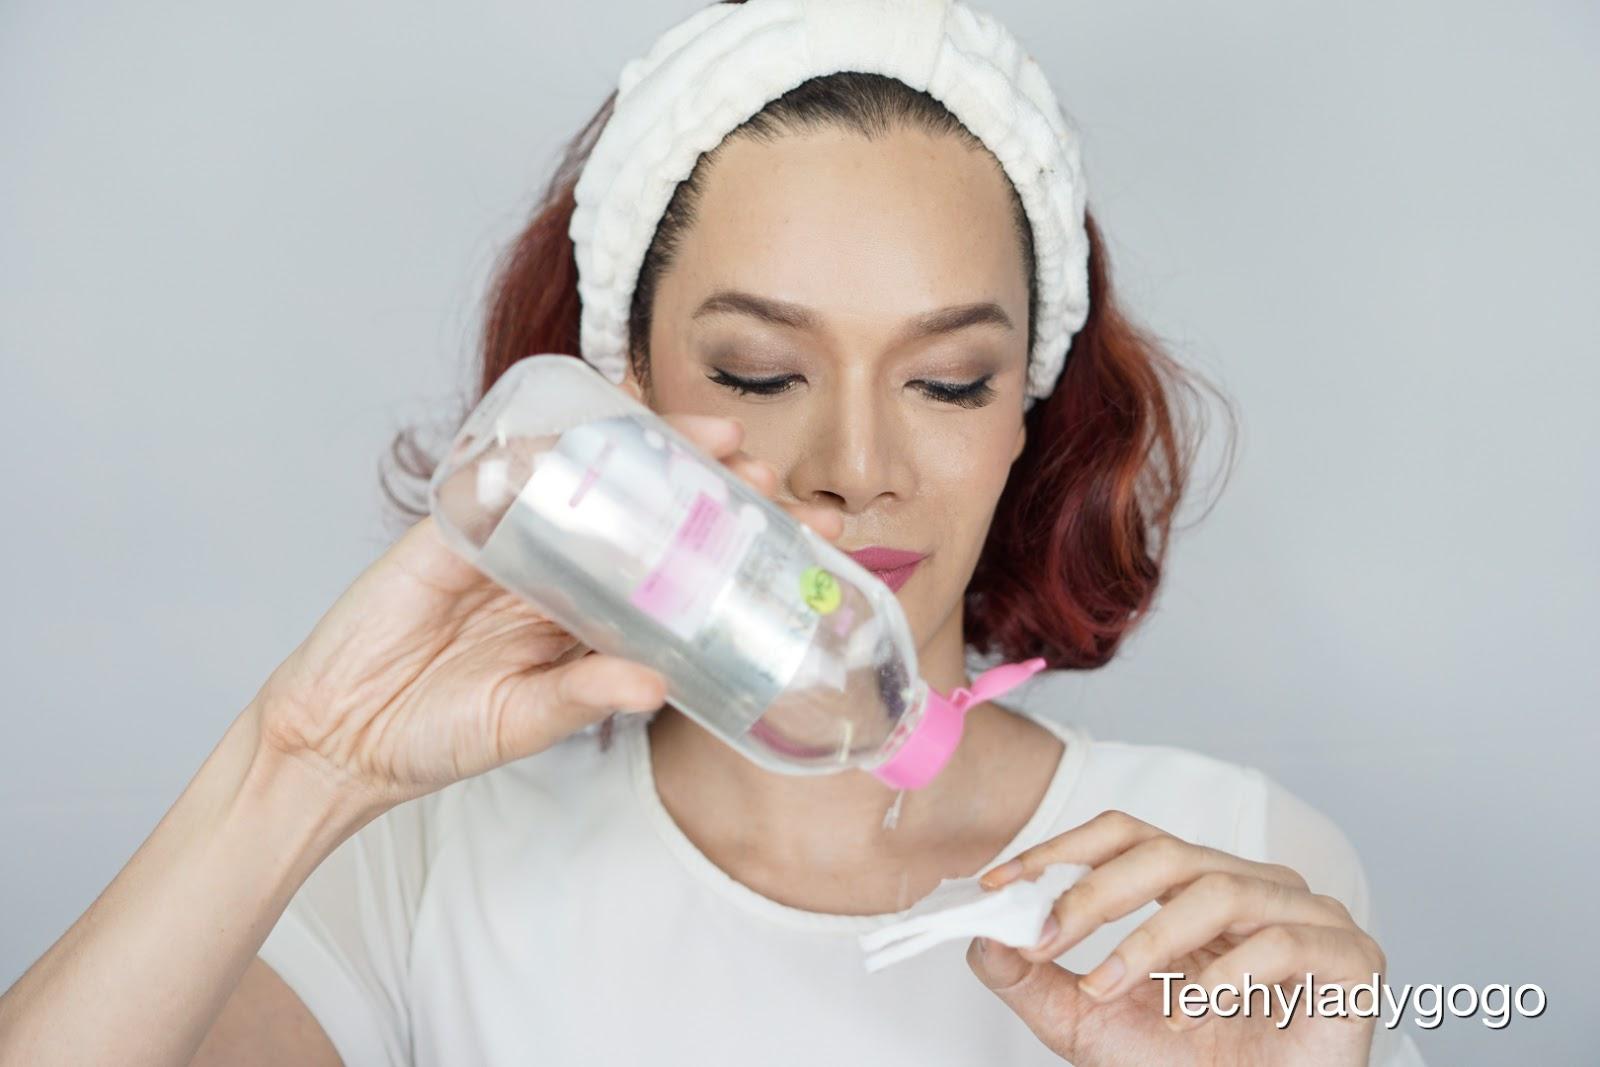 รีวิว Garnier Micellar Cleansing Water  น้ำเช็ดหน้าการ์นิเย่ สูตรสีชมพู เช็ดเดียวจบ สะอาดครบทั้งหน้า ไม่ต้องถู